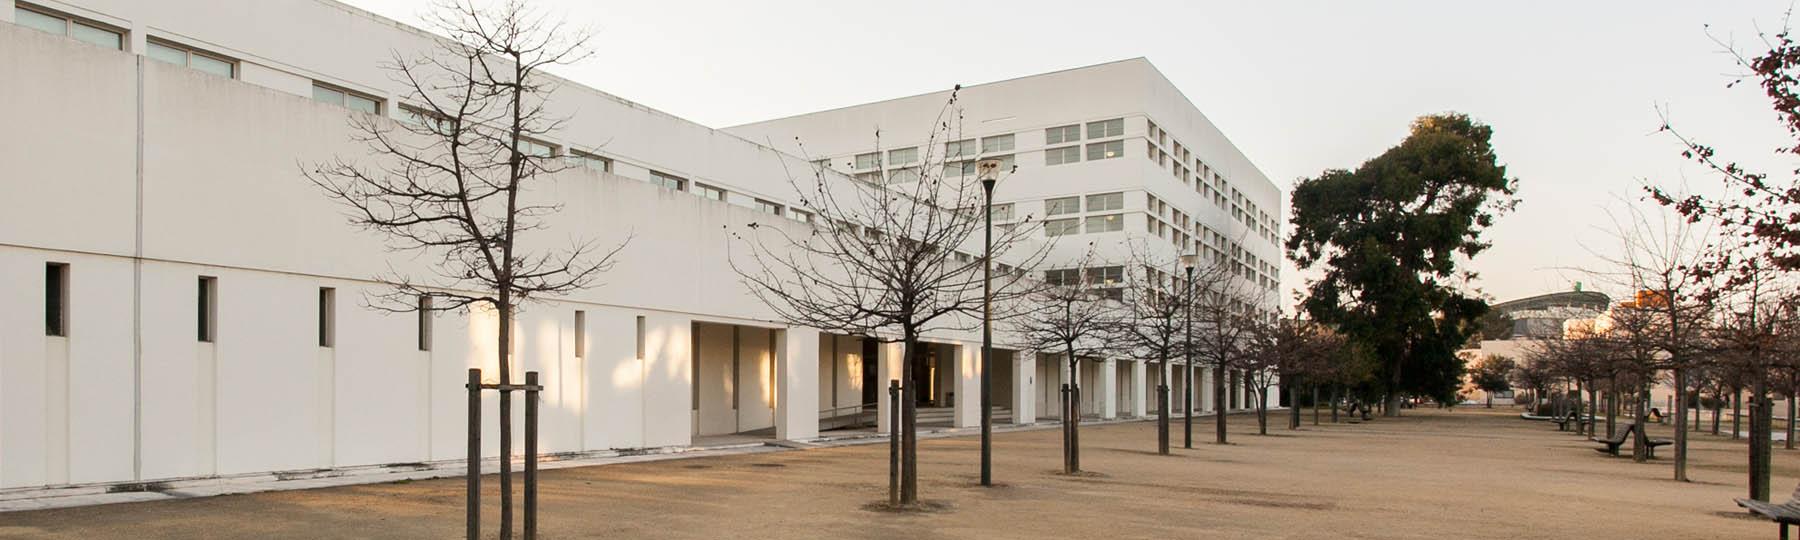 Faculdade de Ciências da Universidade de Lisboa1